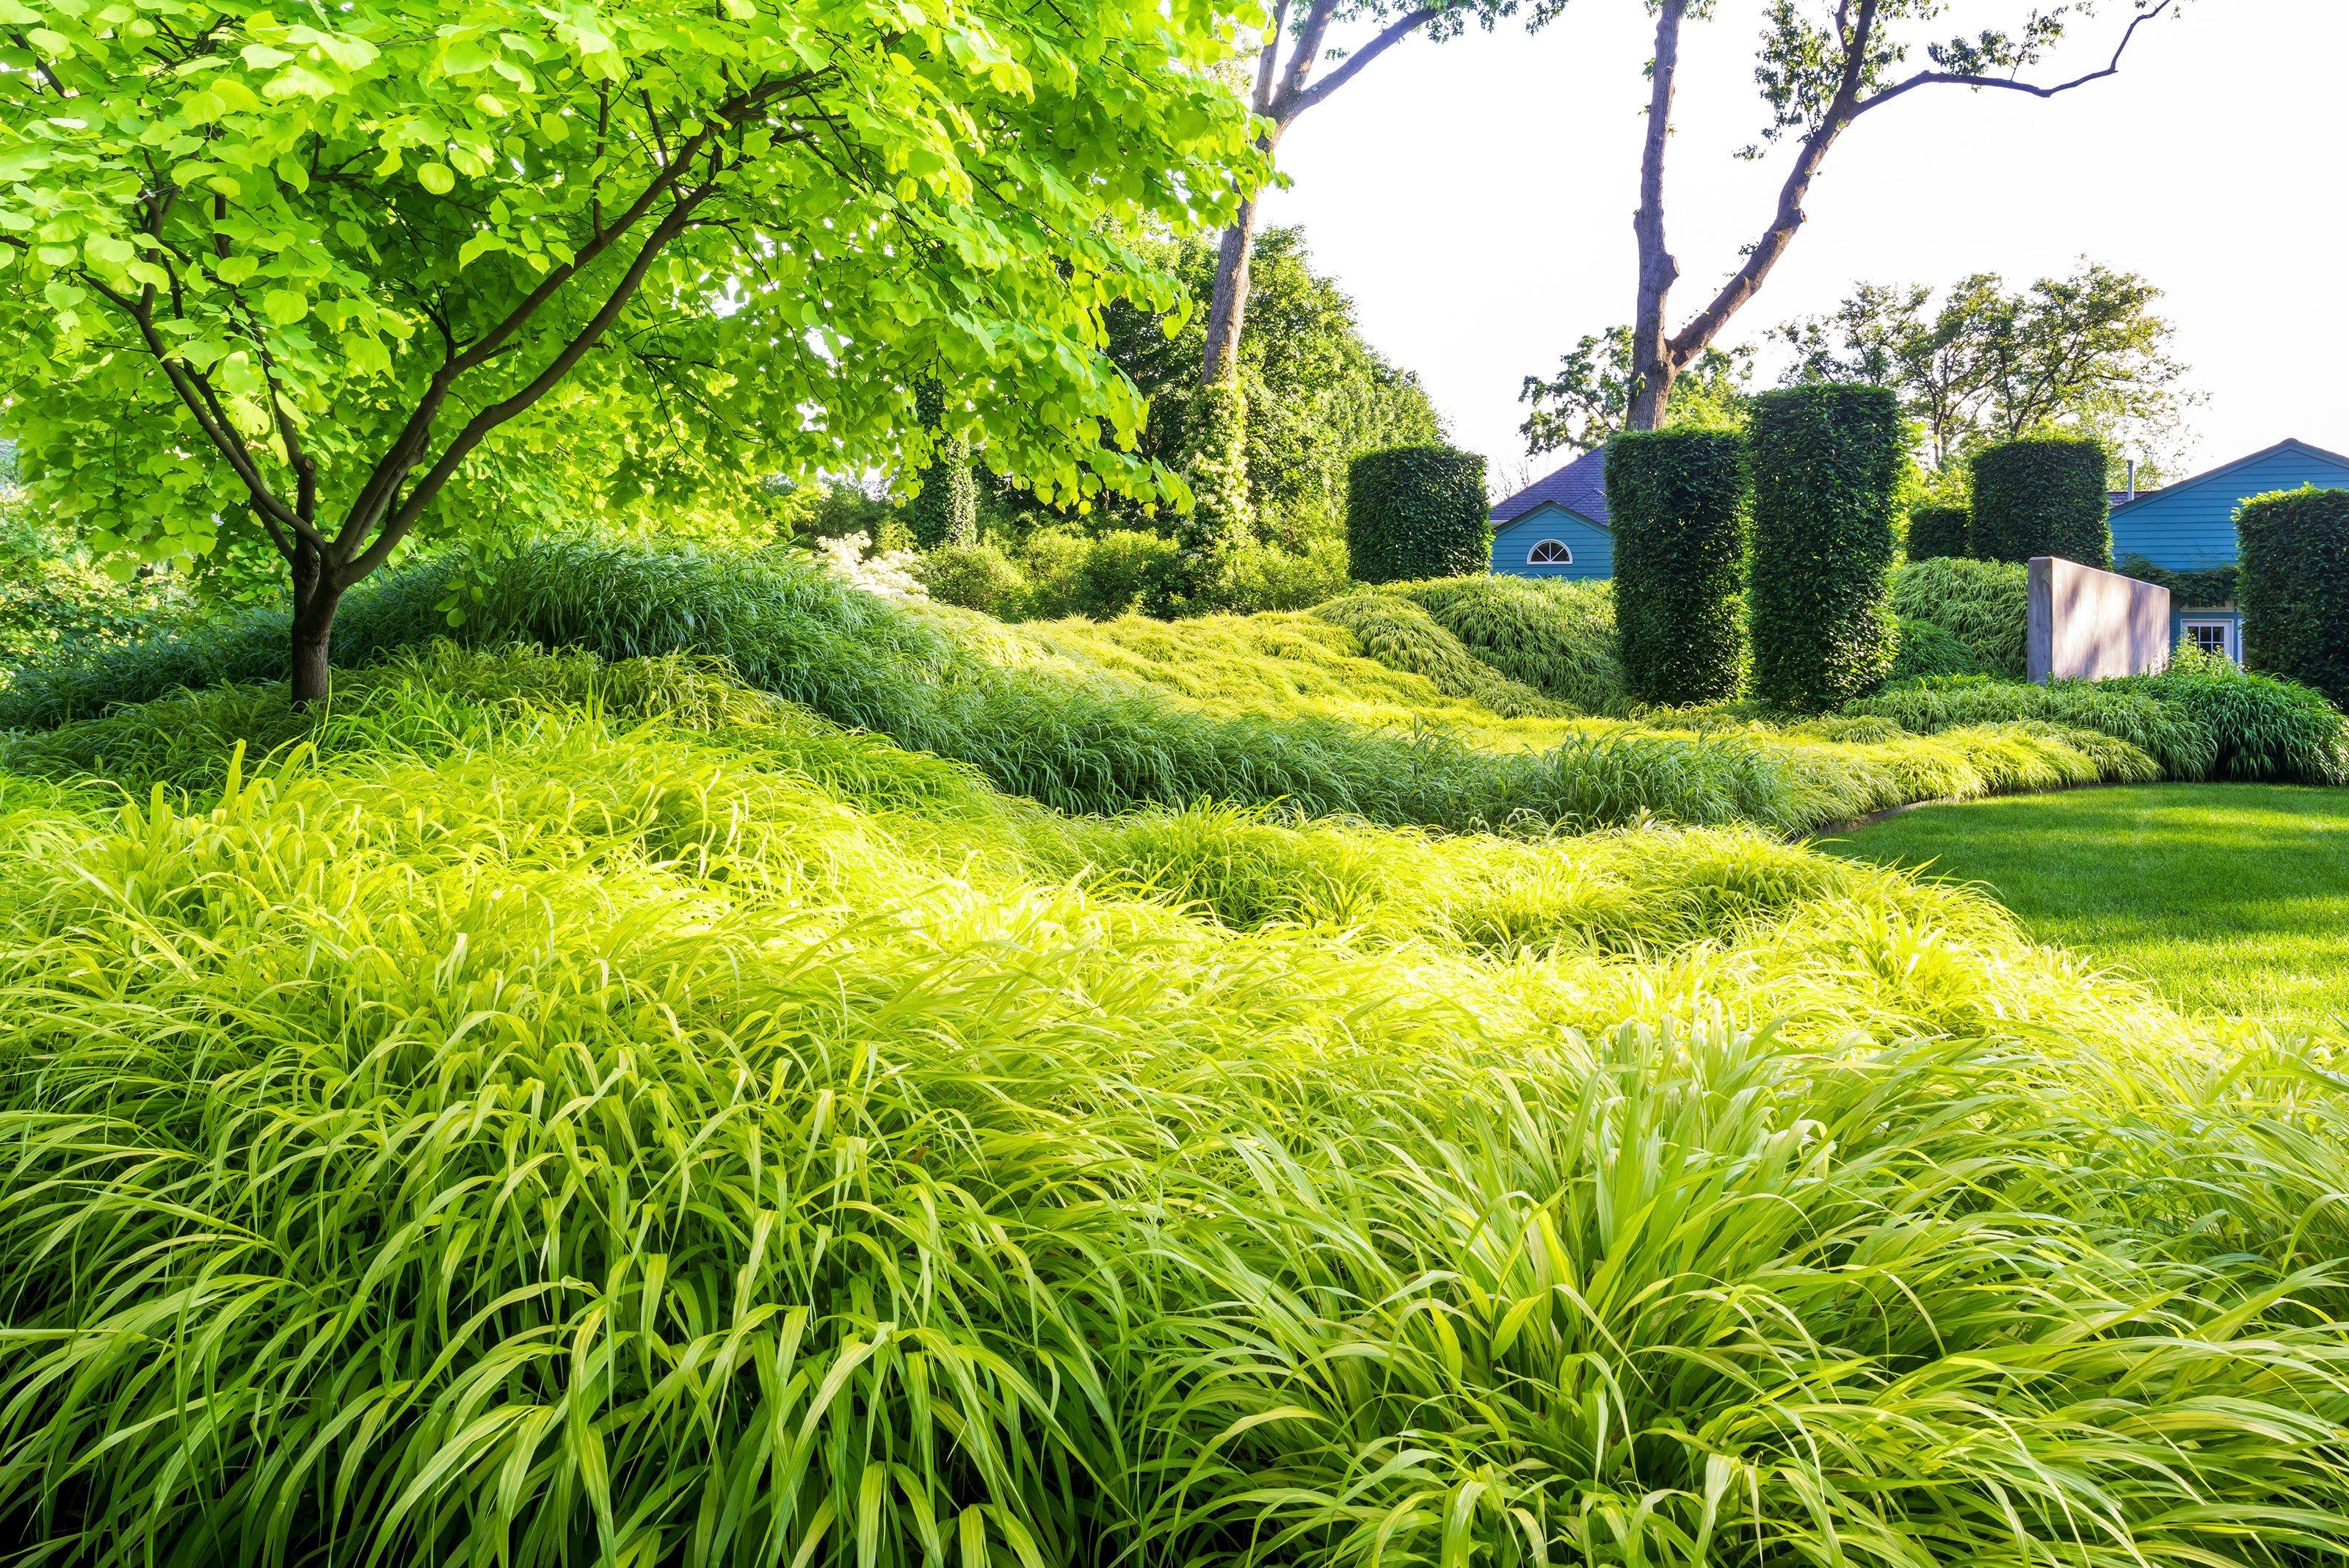 Das Japan-Zwergschilf (http://galasearch.de/plants/12734-hakonechloa-macra) ist immer eine sichere Bank, wenn es um gediegen-elegante Flächenbegrünung geht. Man beachte hier die Strukturierung der Fläche durch Schattenwurf infolge sanfter Bodenmodulation.